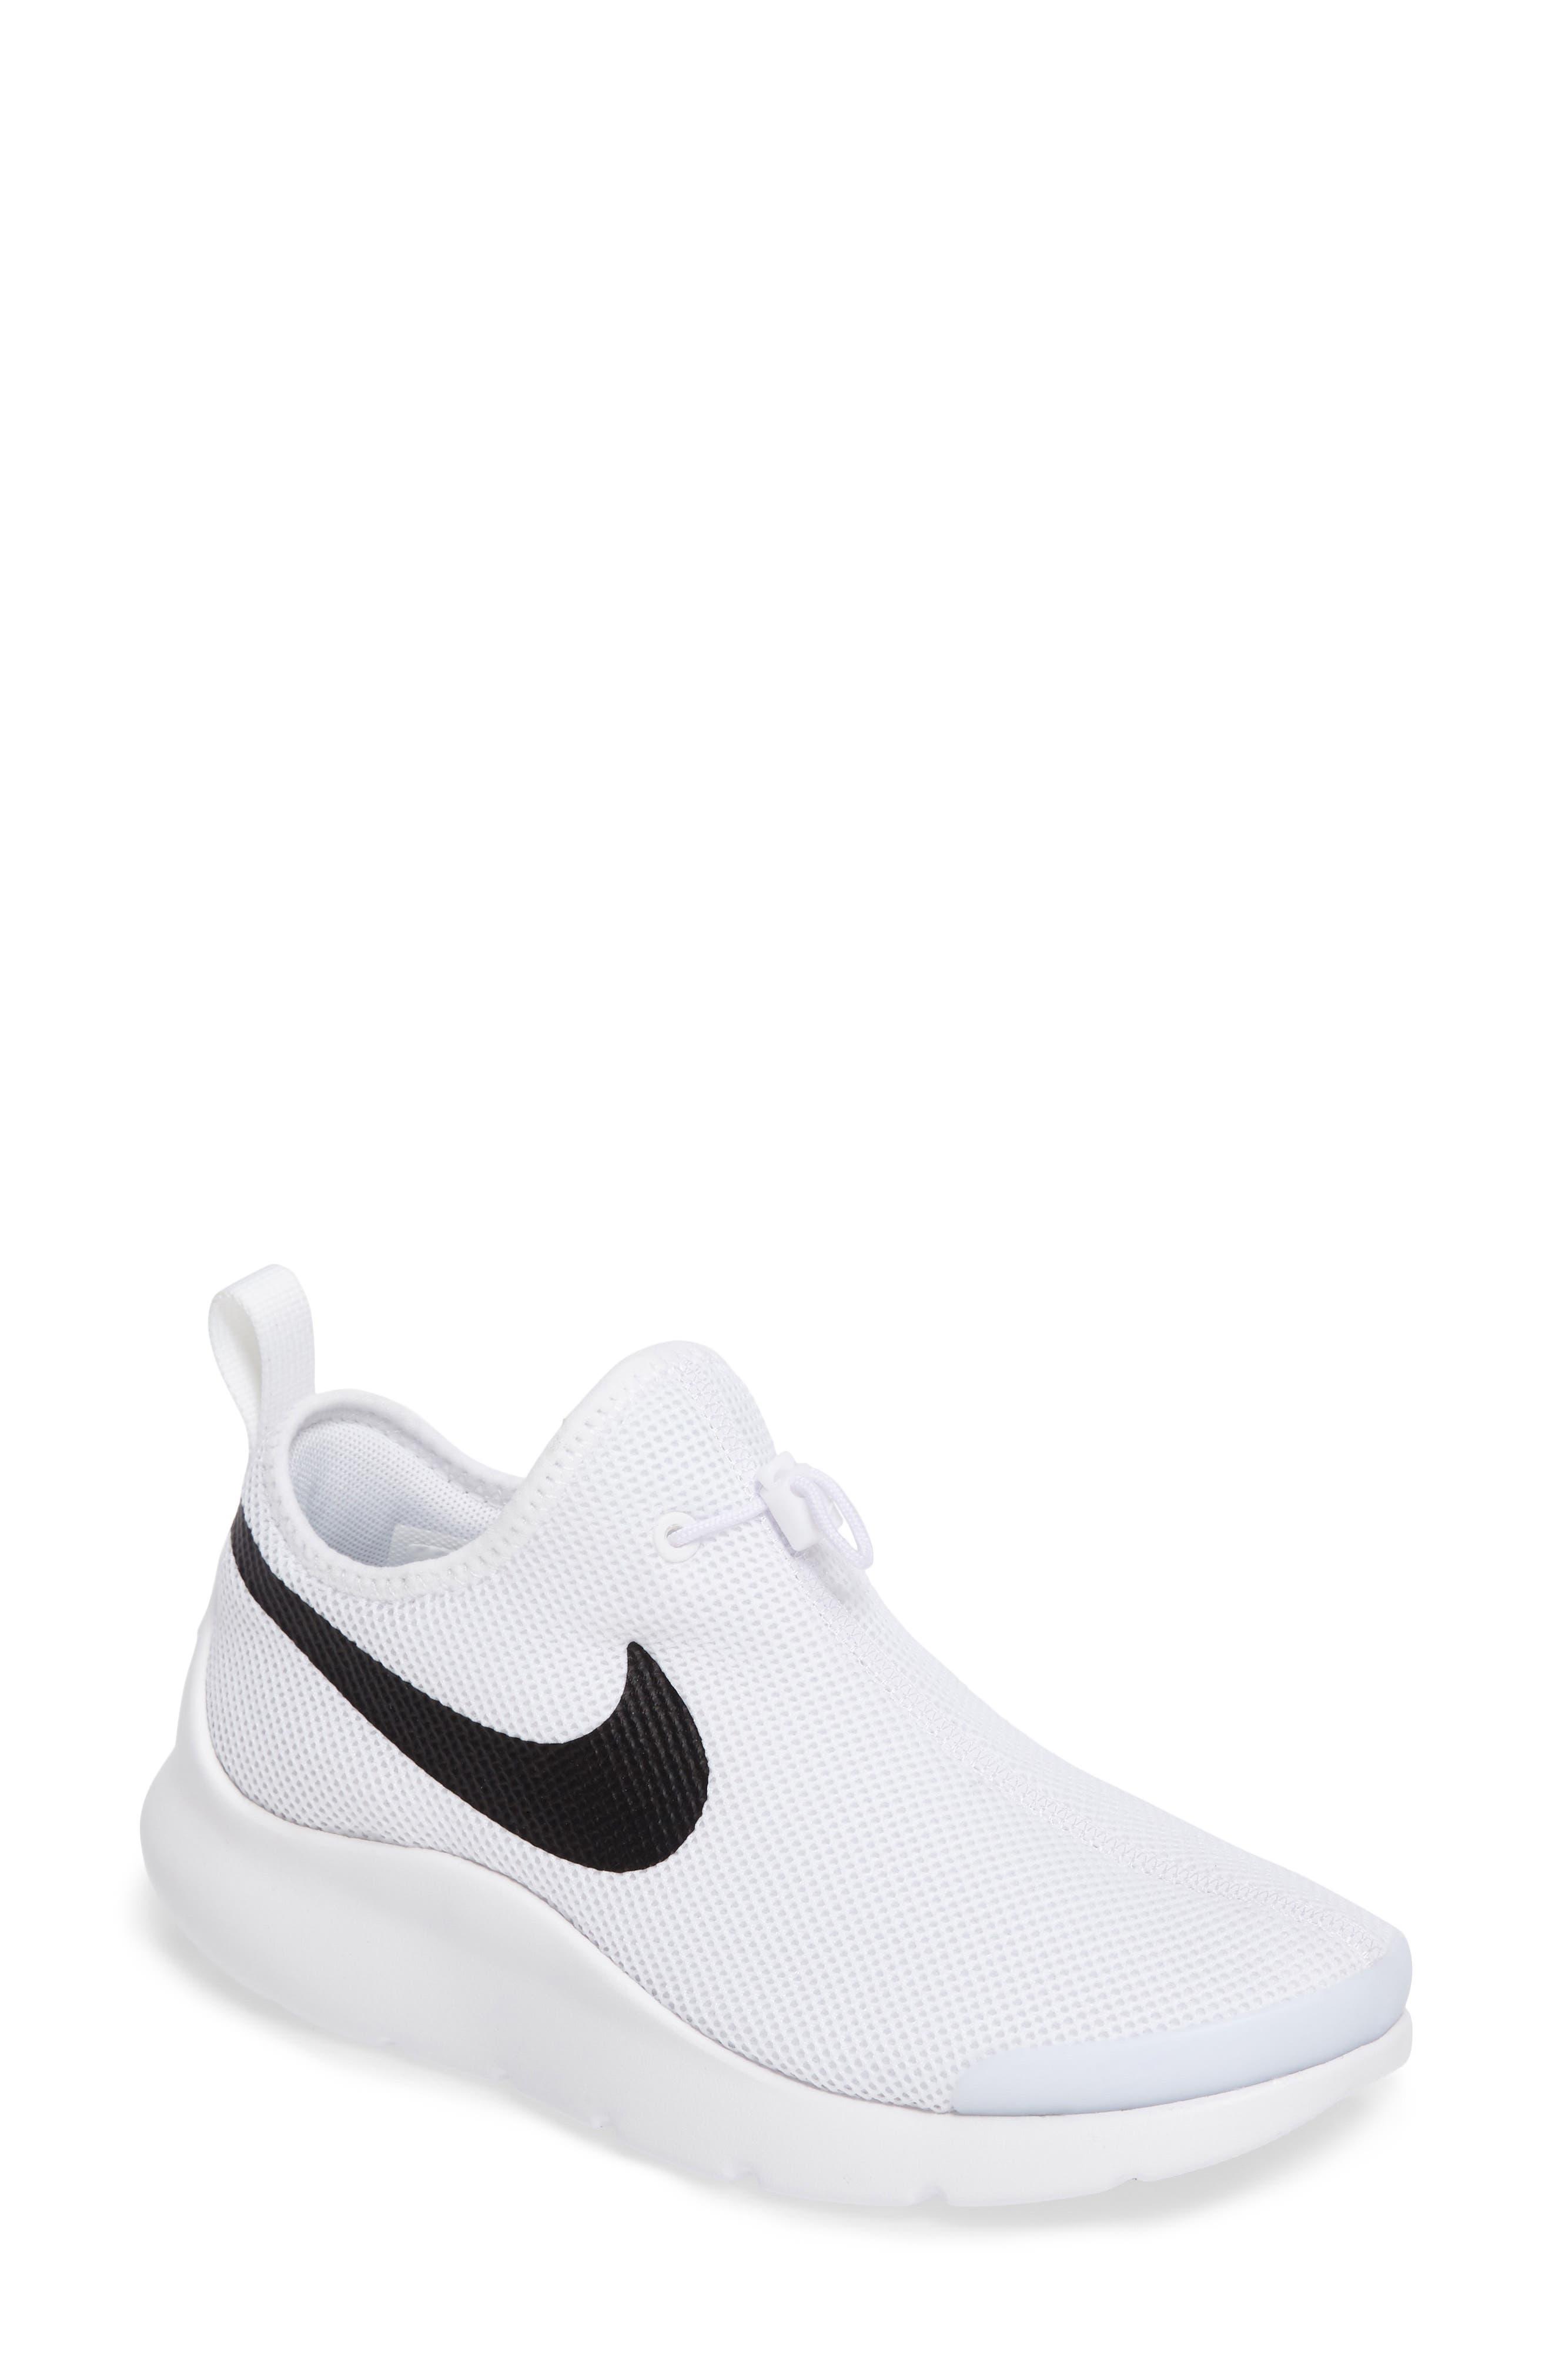 Alternate Image 1 Selected - Nike Aptare Slip-On Mesh Sneaker (Women)